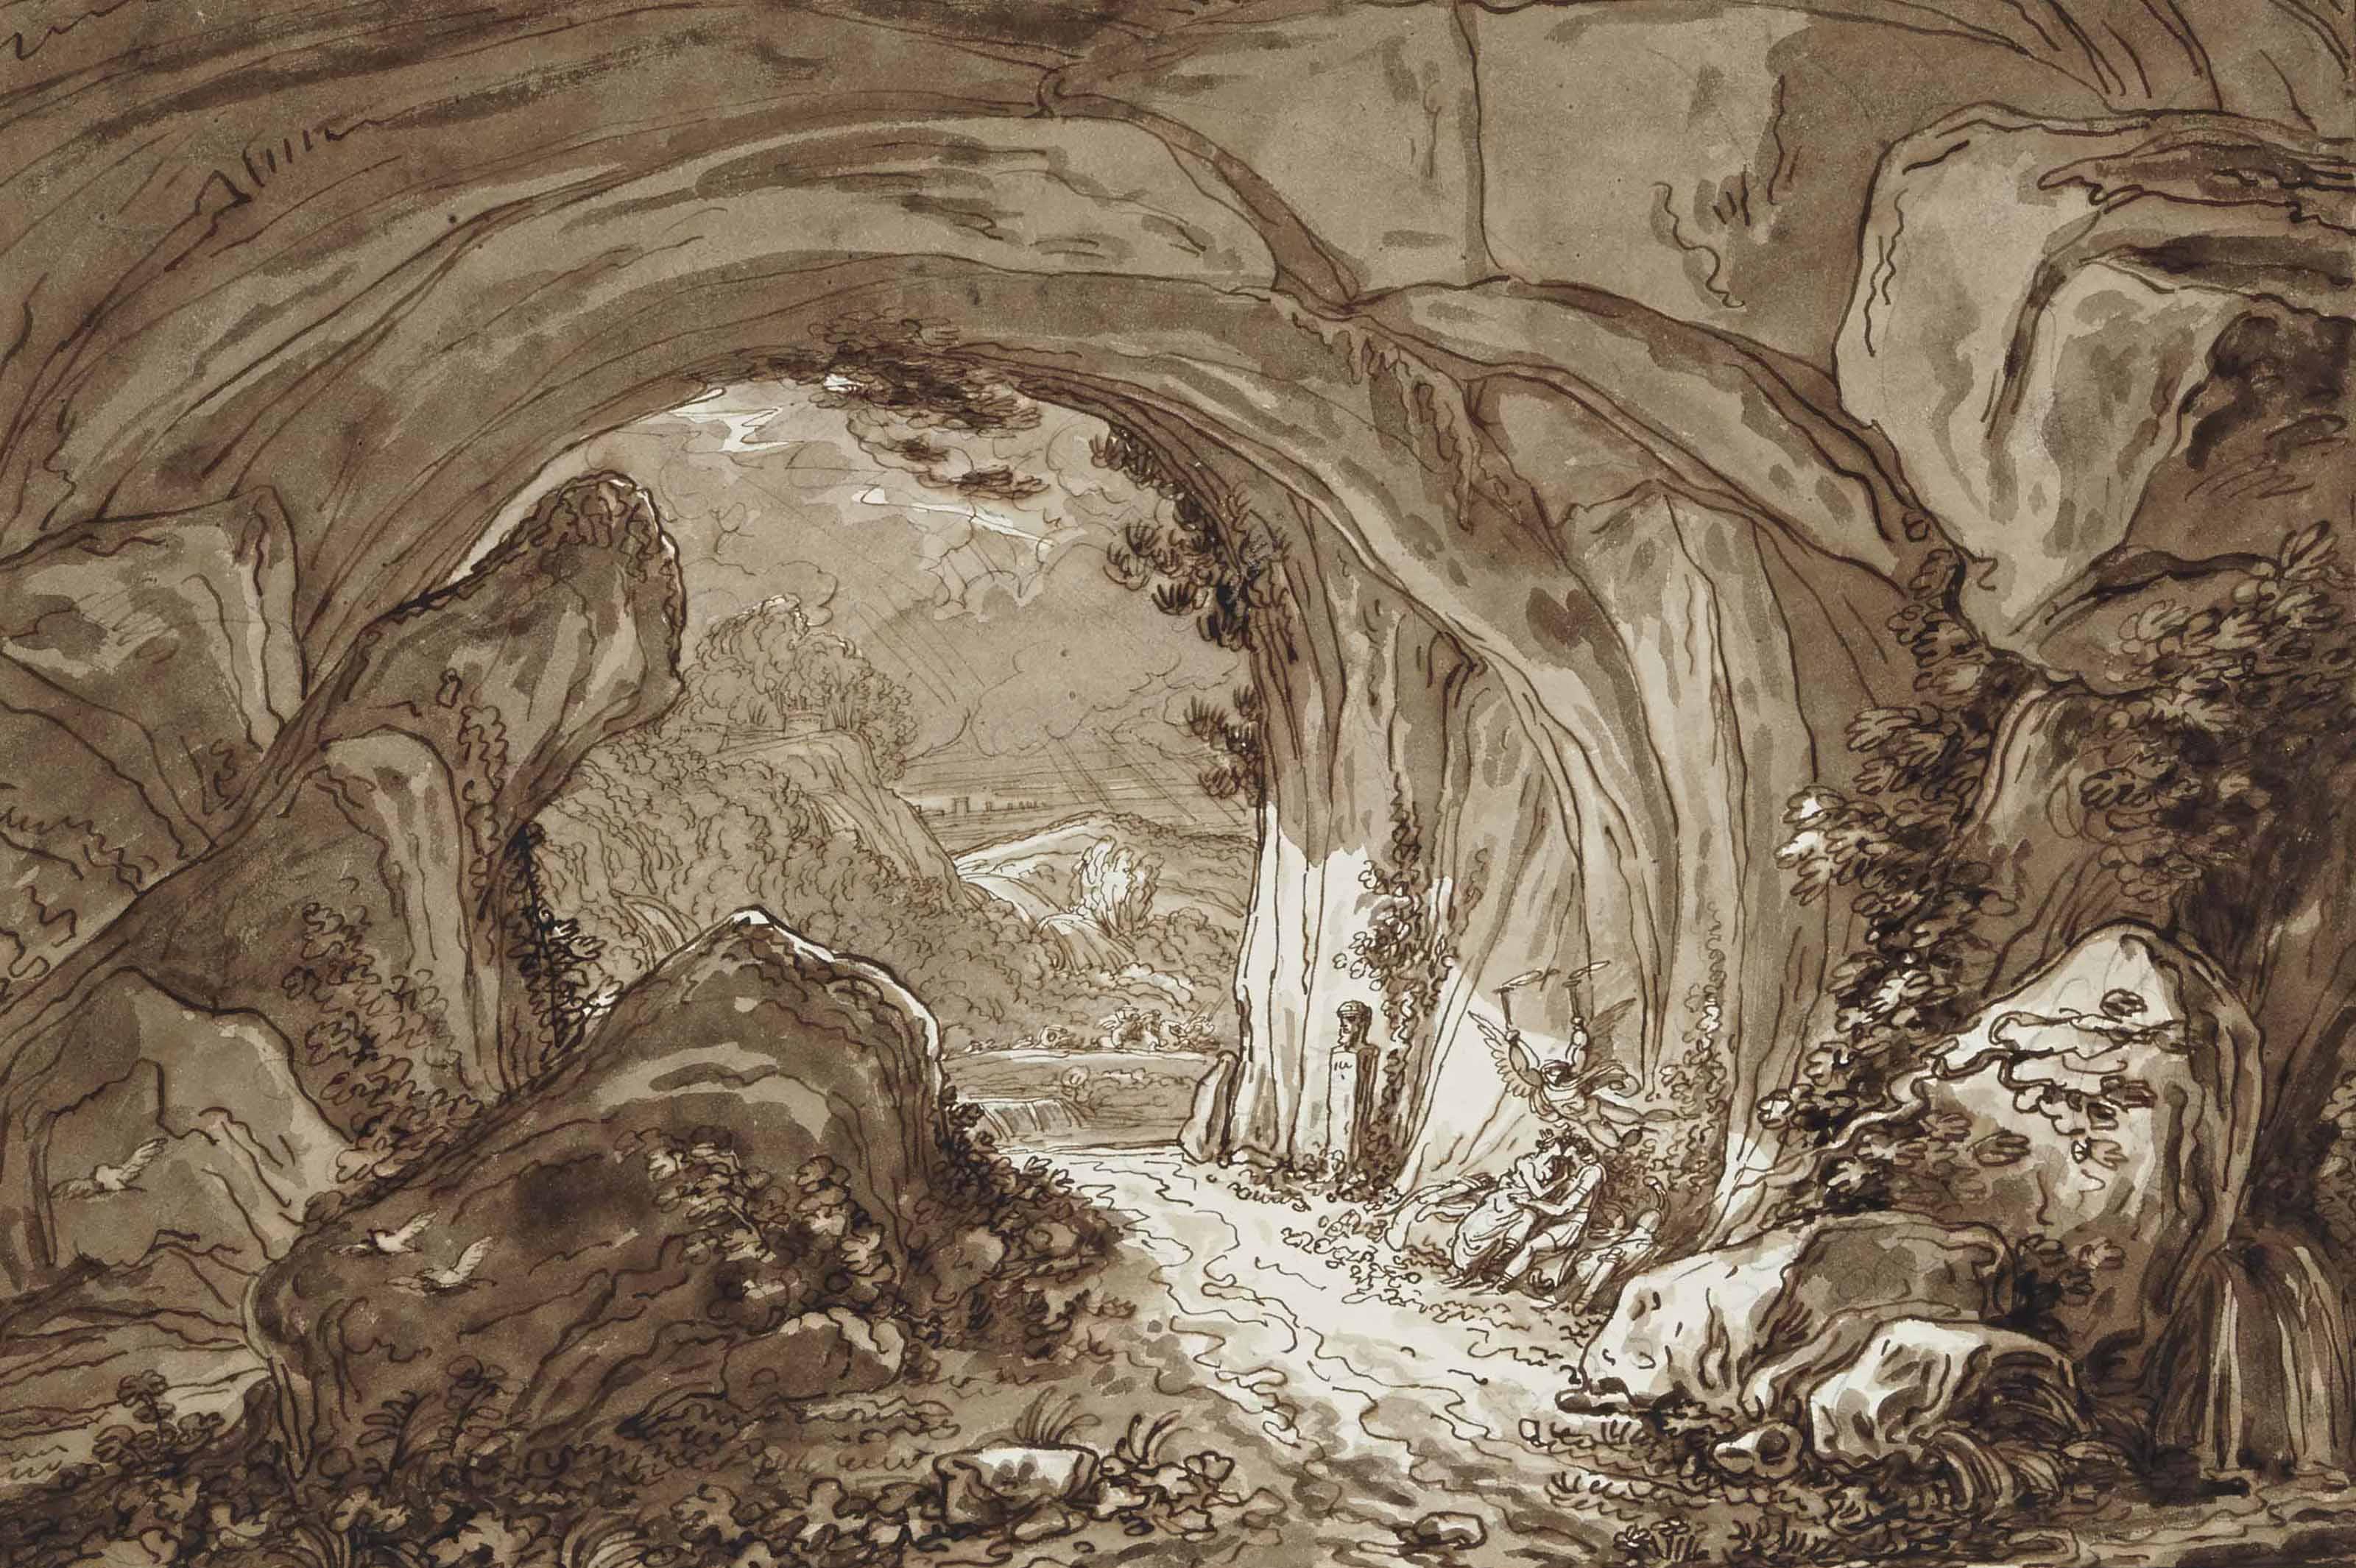 Didon et Enée s'abritant de l'orage dans une grotte